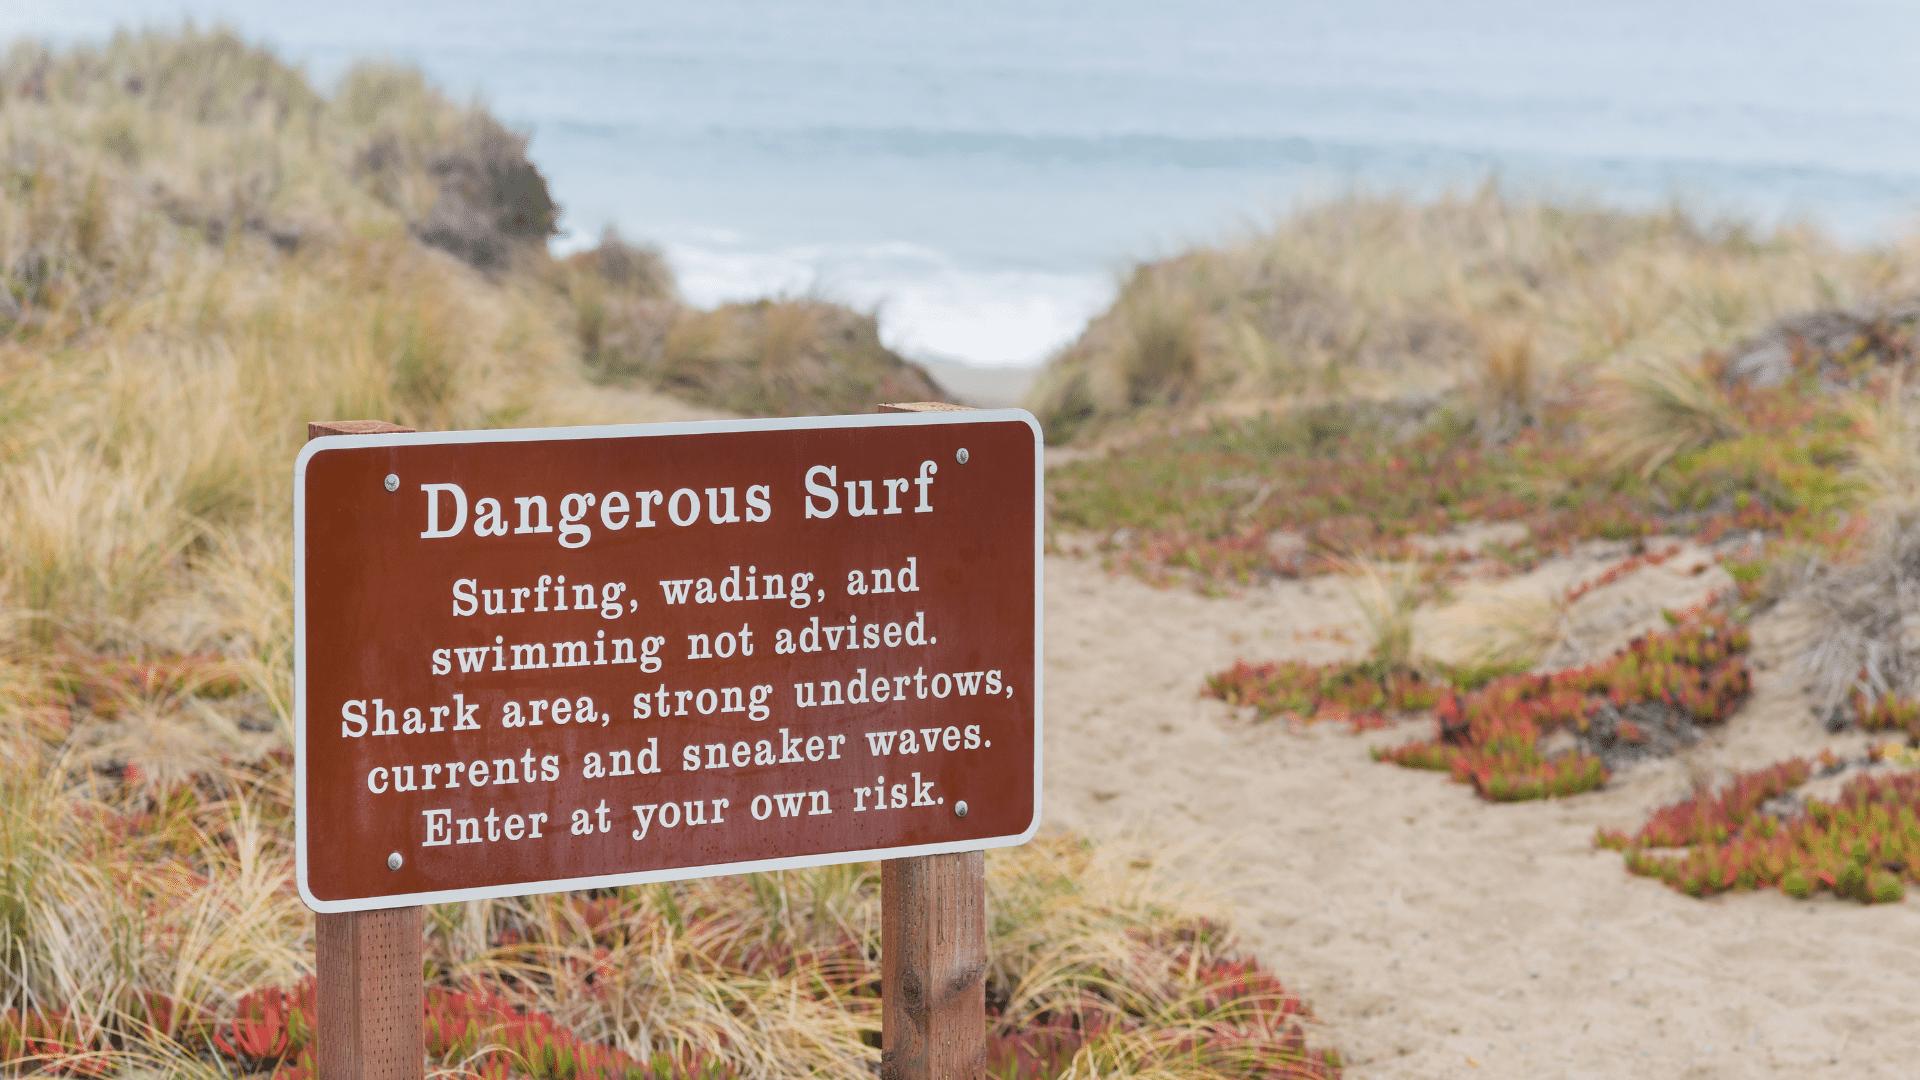 Risikomanagement für Surfer - Gefahren und Risiken beim Surfen richtig einschätzen